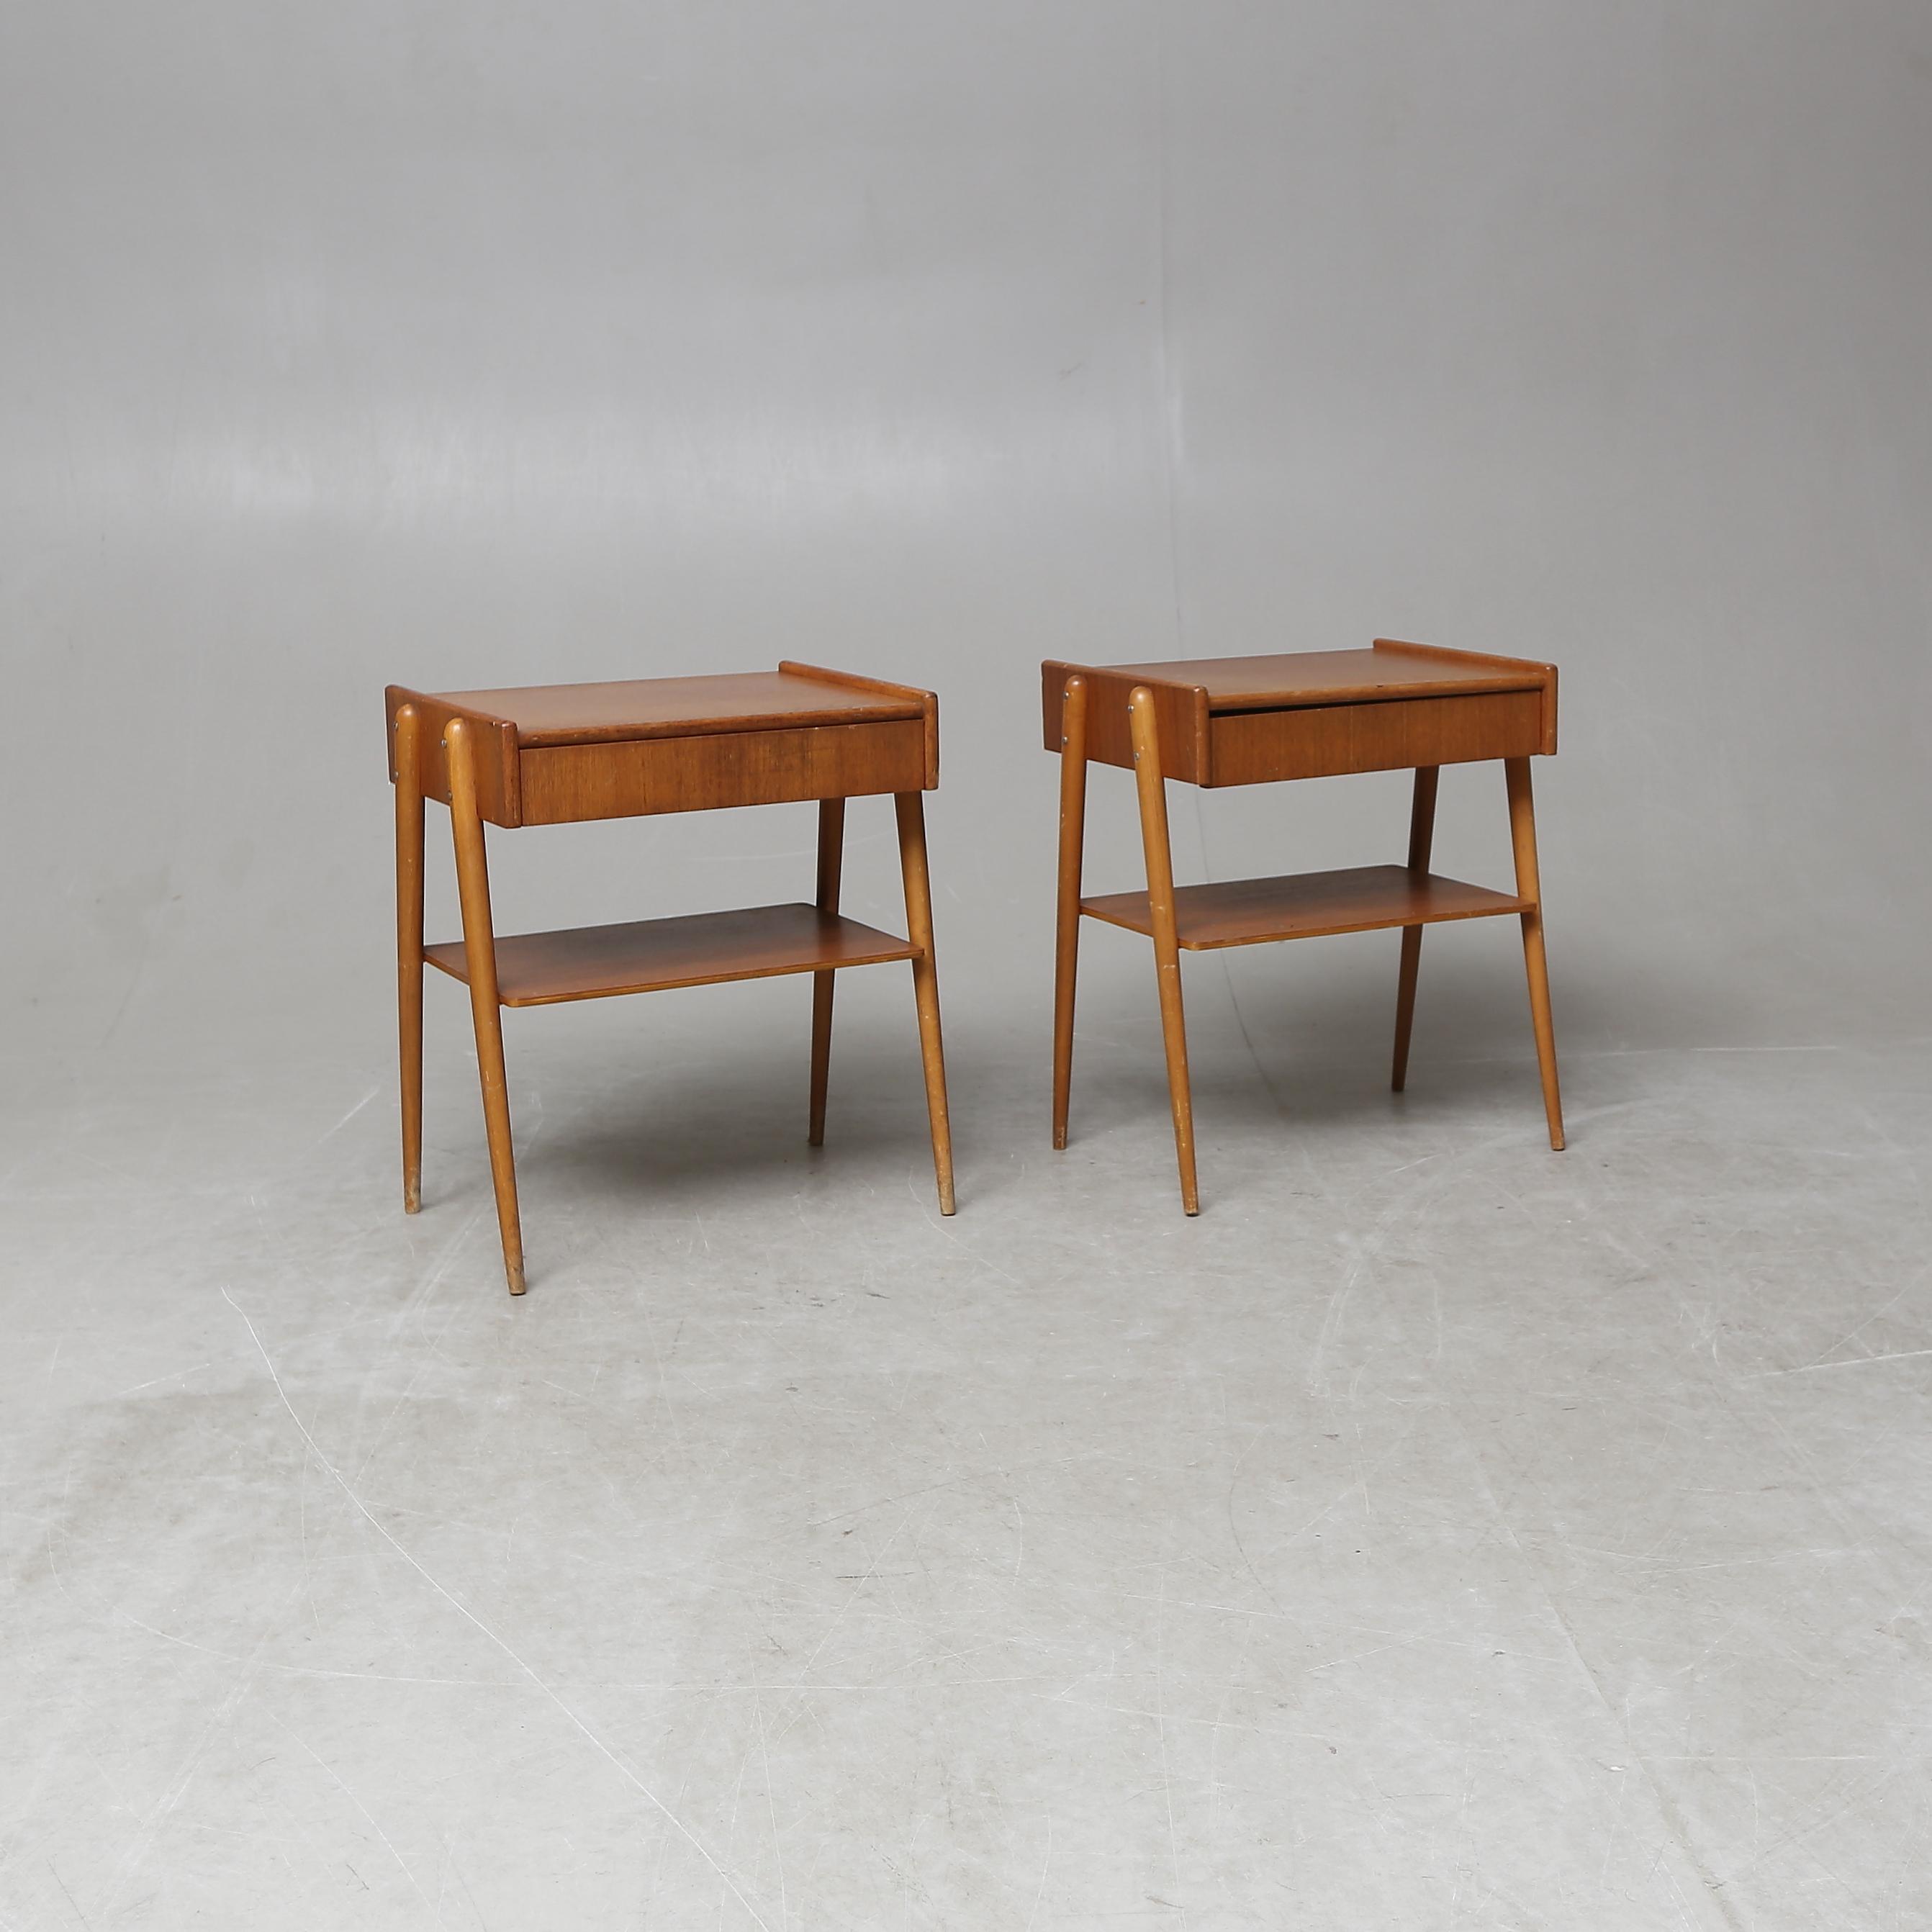 SINGLE TABLE, a pair, Carlström & Co Möbelfabrik, the second